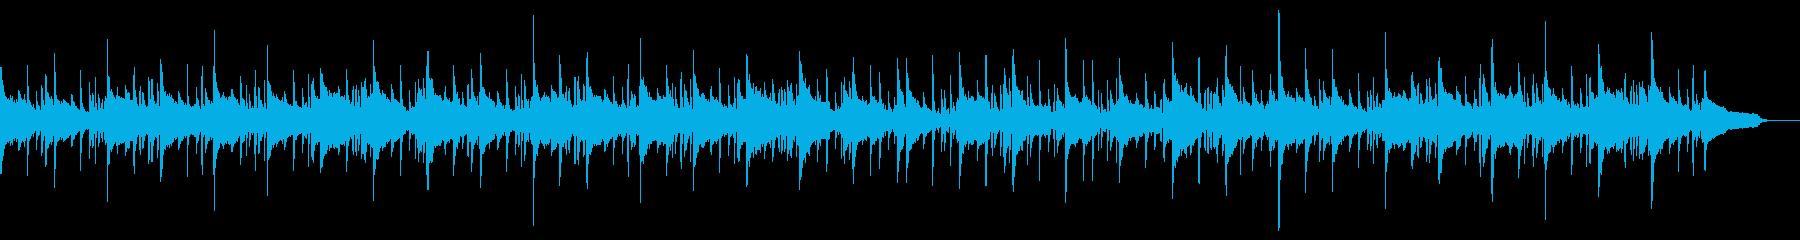 しんみりとした空間を感じるバンド調BGMの再生済みの波形